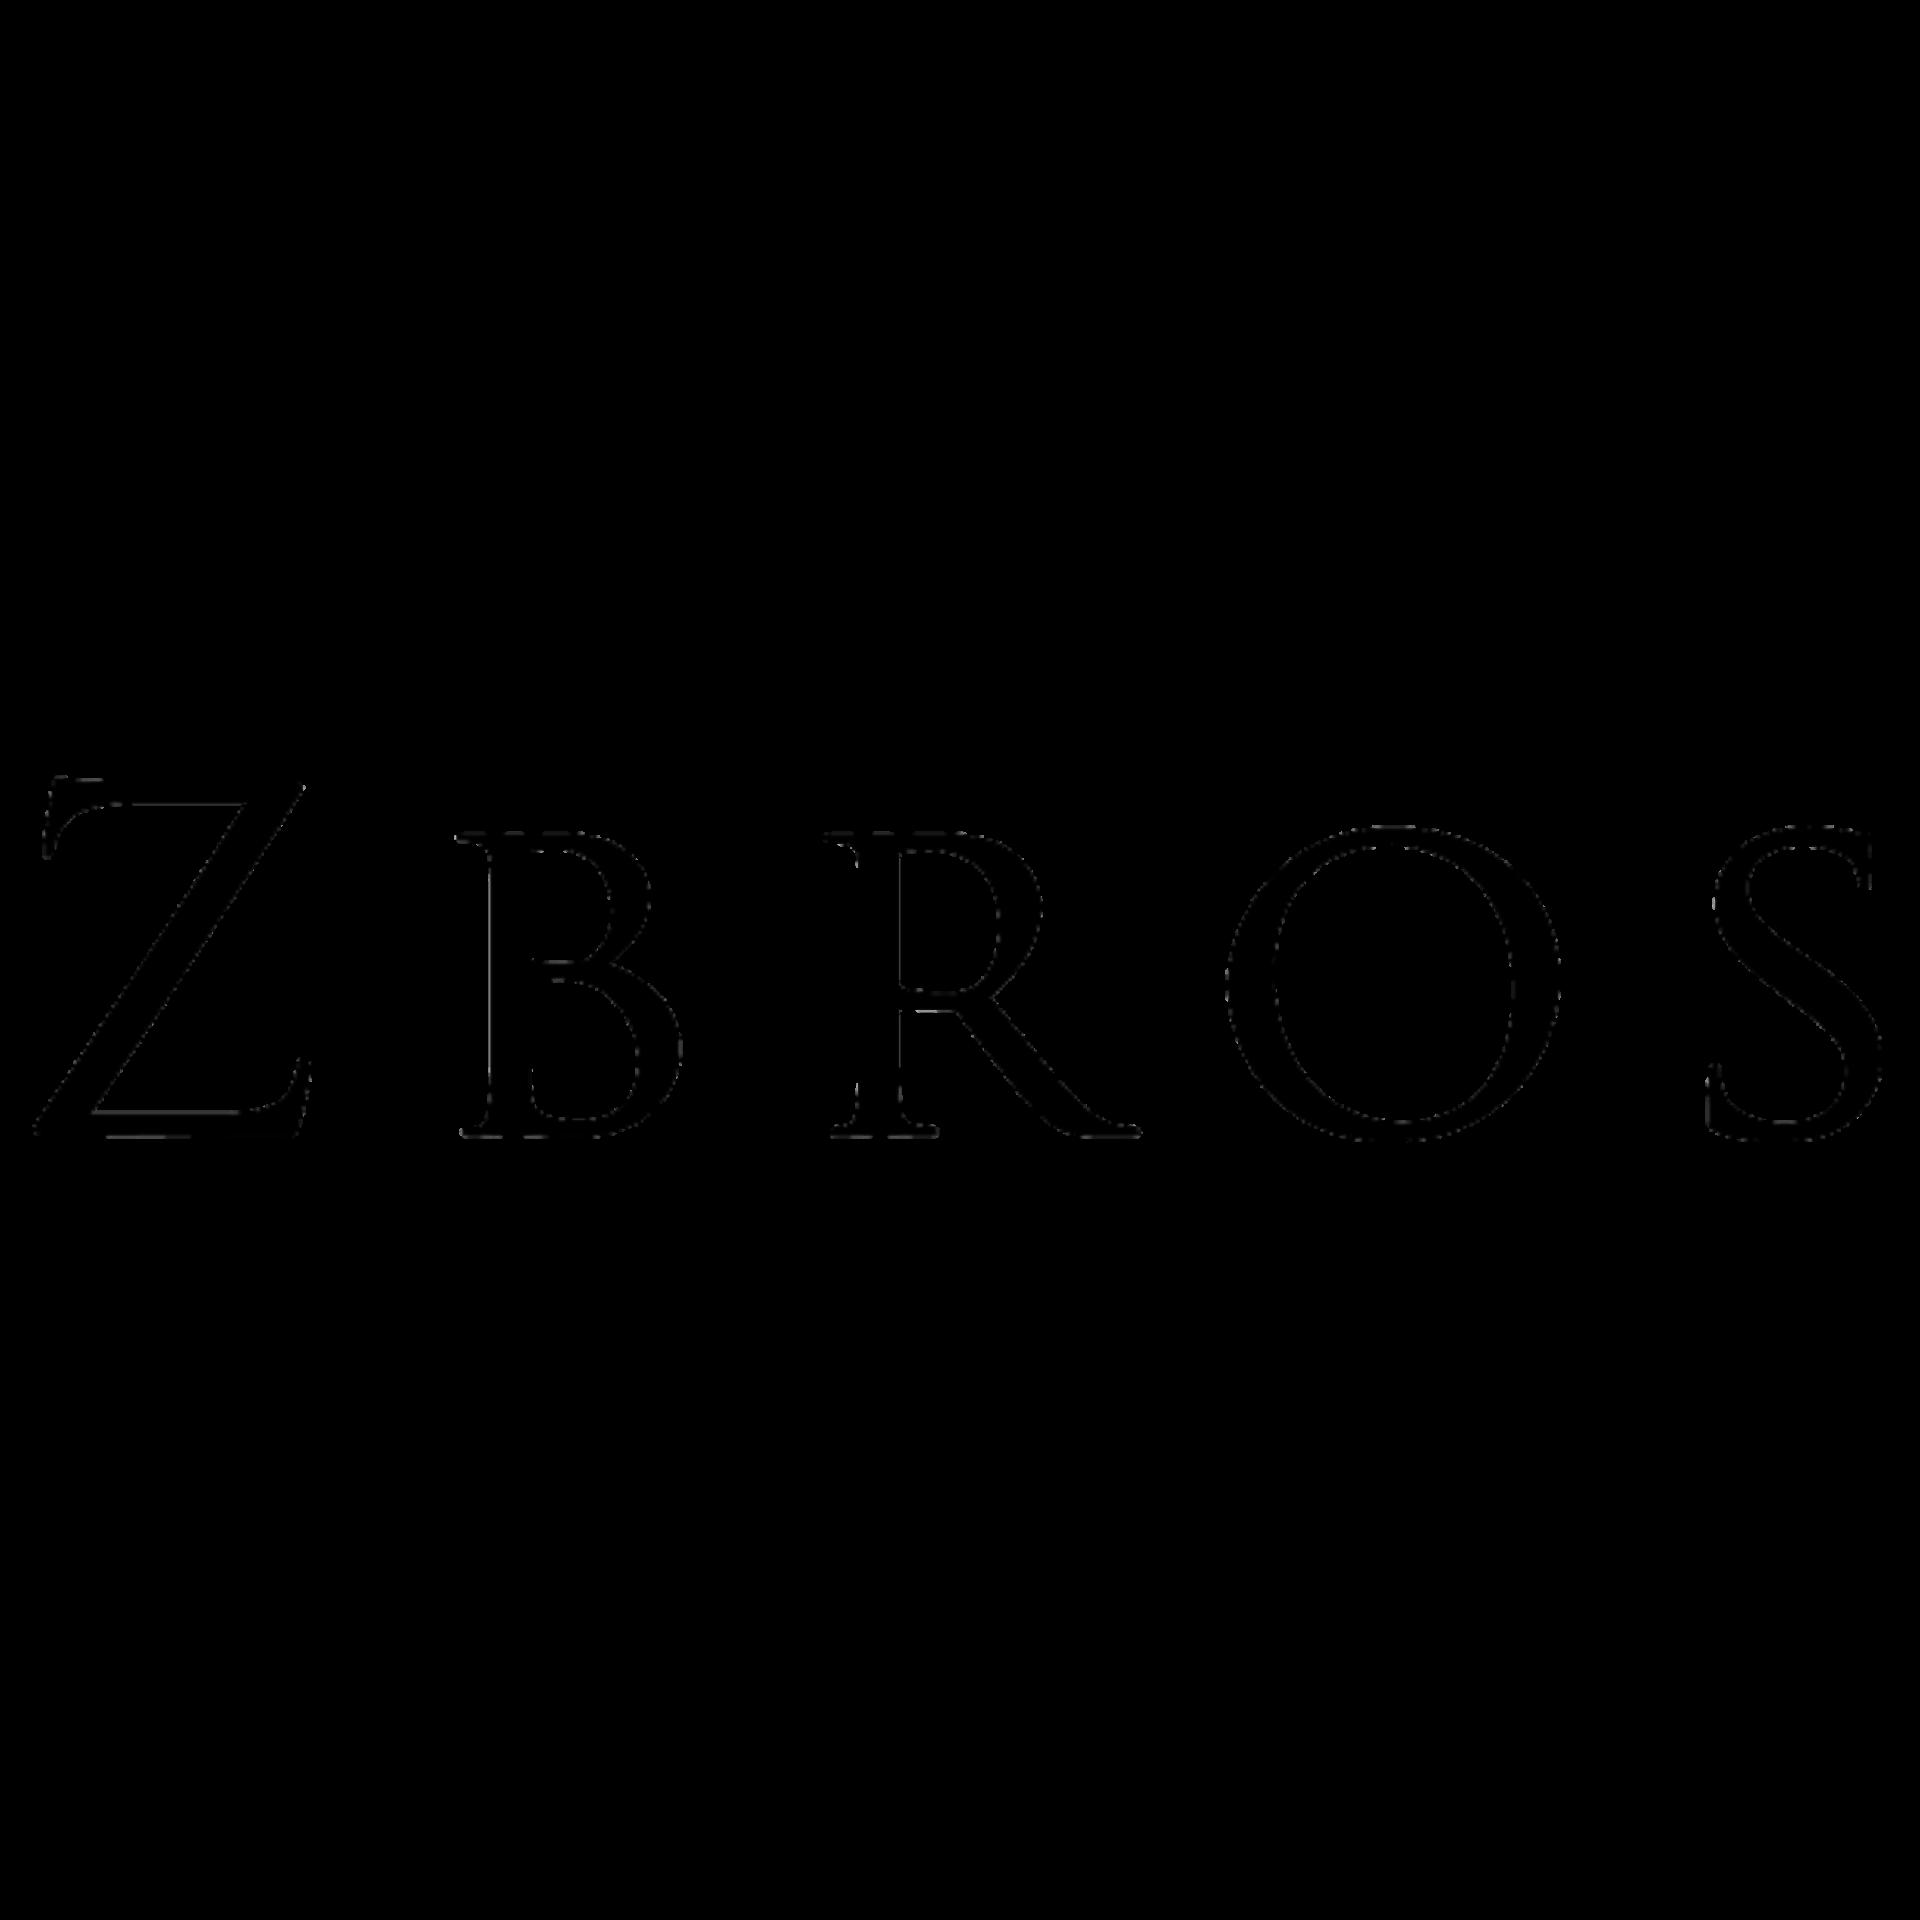 Zbros logo - DotWit